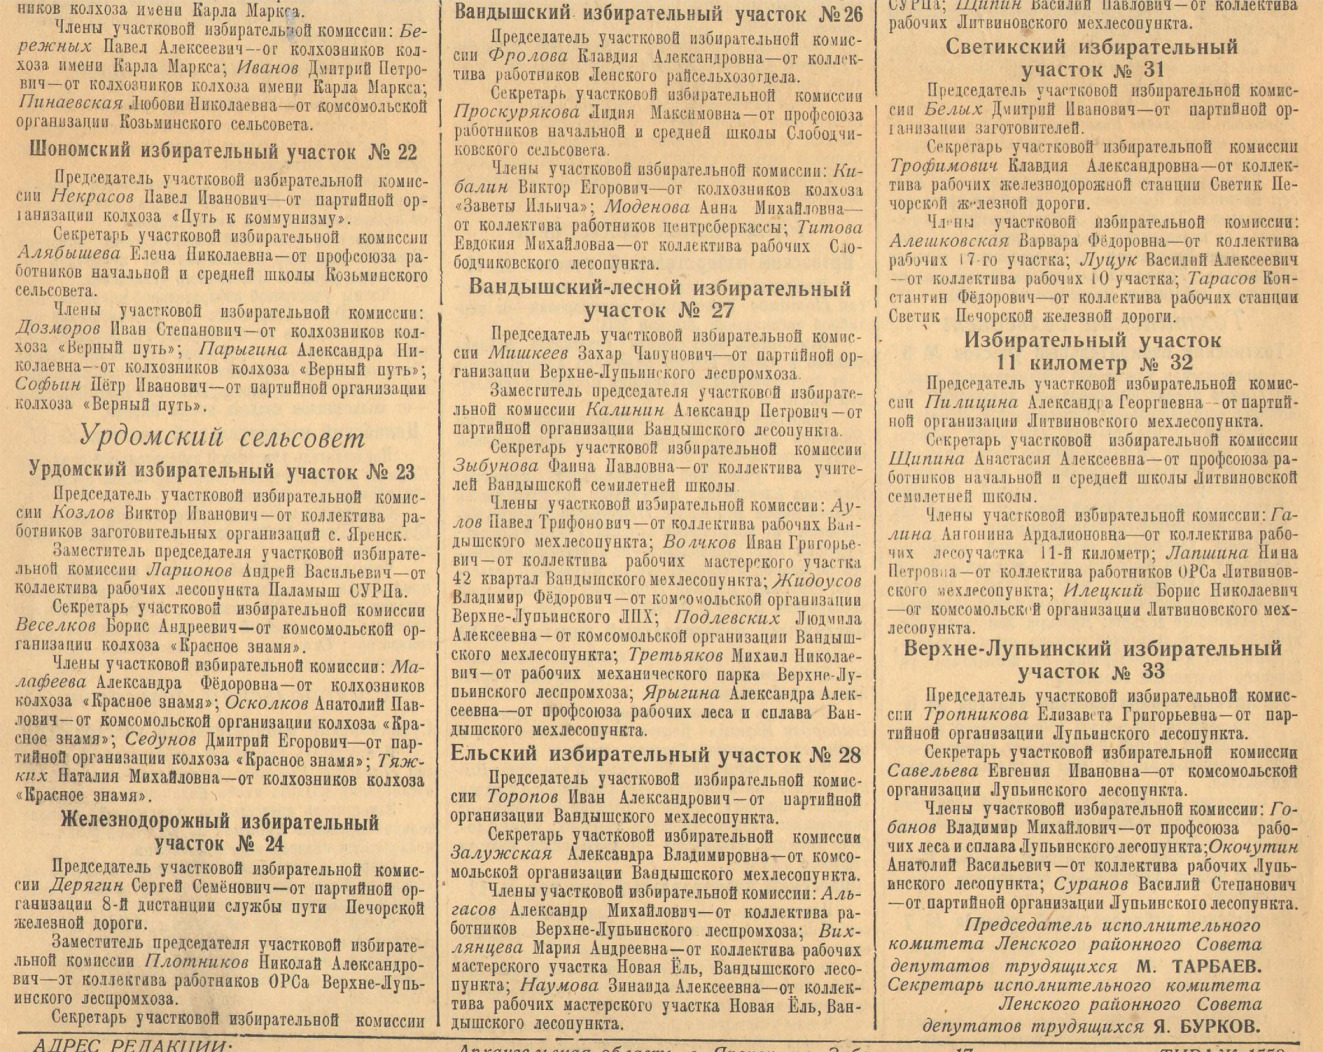 Газета Ленский колхозник от 06.11.1950. Составы участковых избирательных комиссий.  (2)